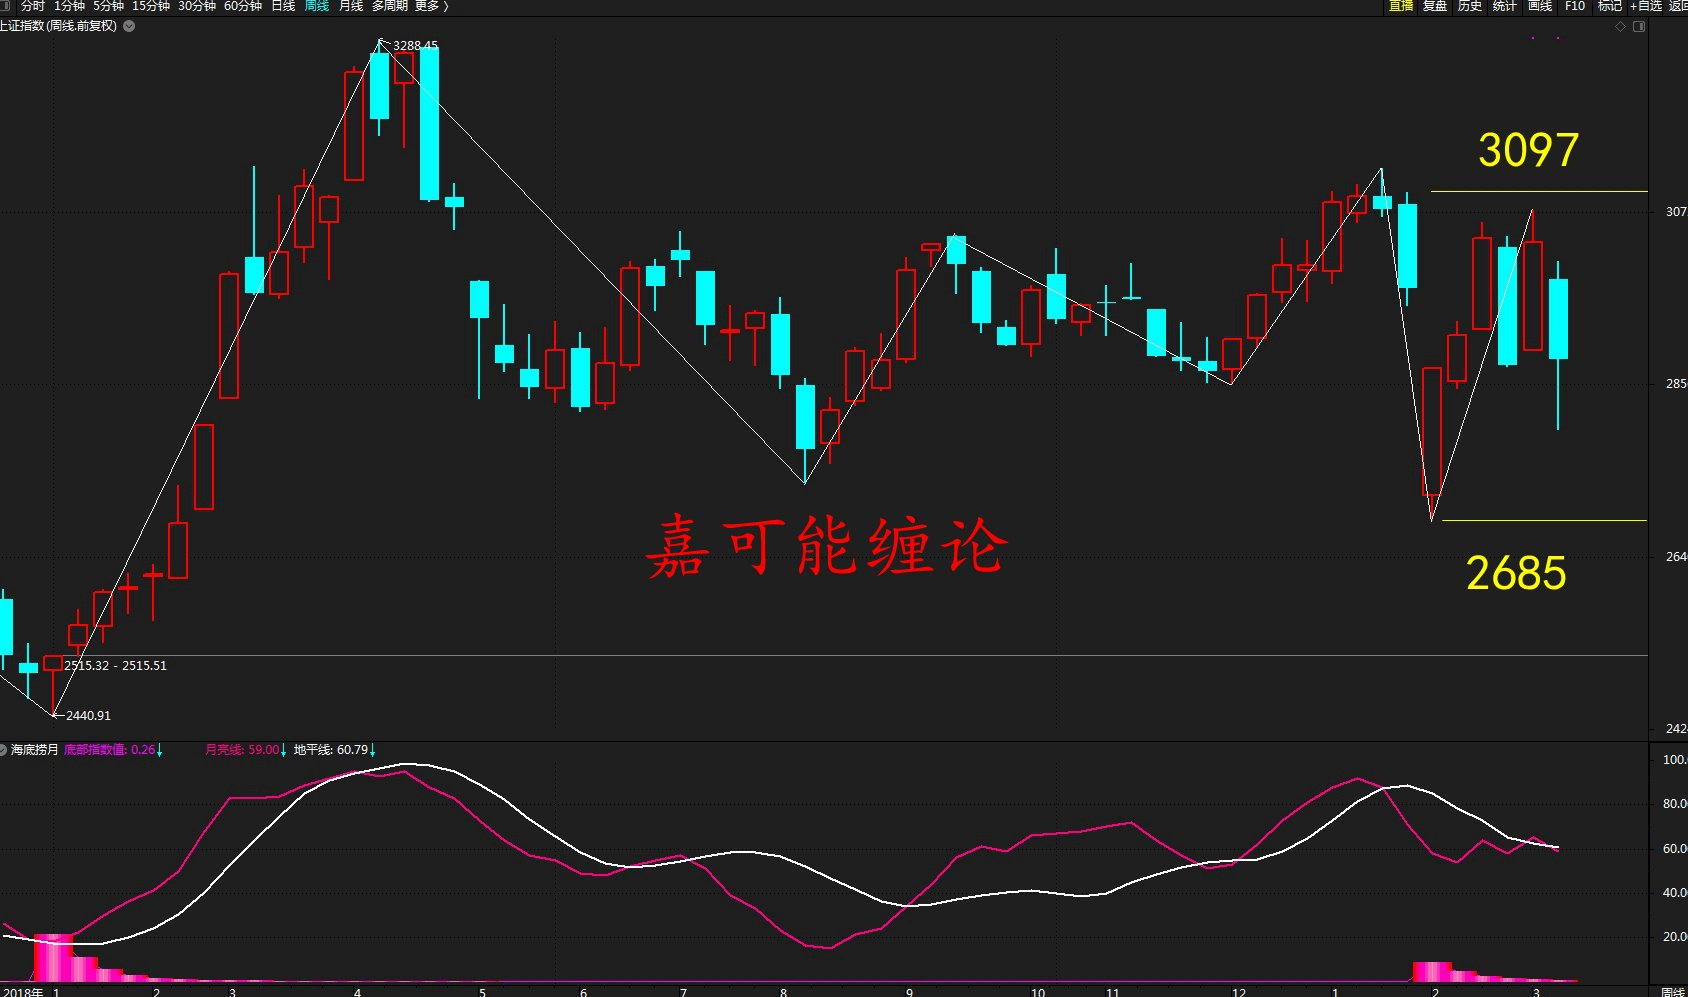 湖南黄金 0.00 0.00(0.00%) 股票_财经_中国网